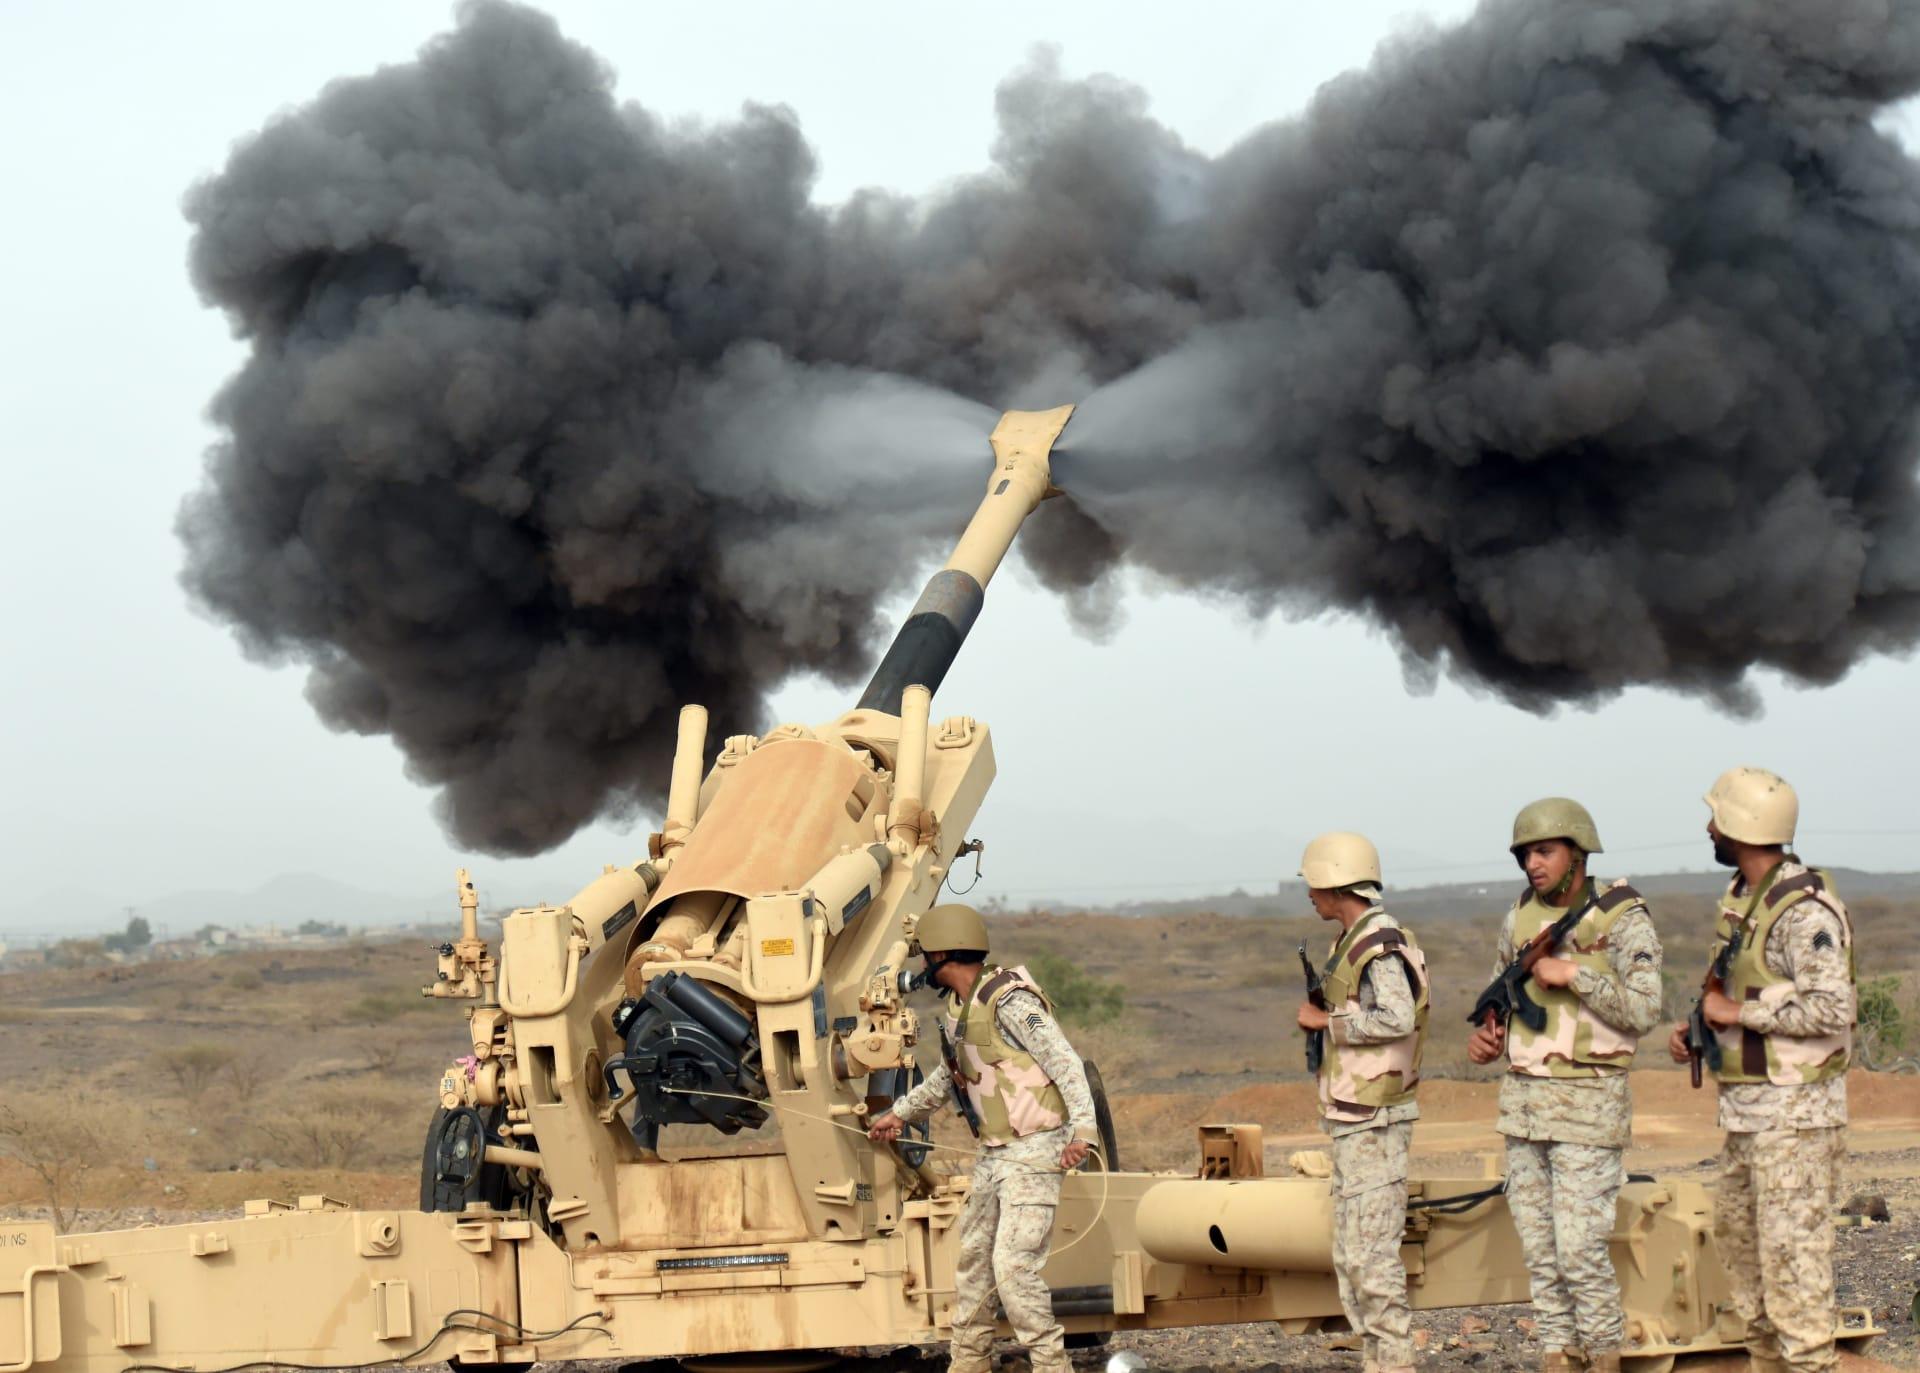 ولي العهد السعودي عن إنهاء حرب اليمن: إذا كنت متشائما يجب أن أترك منصبي